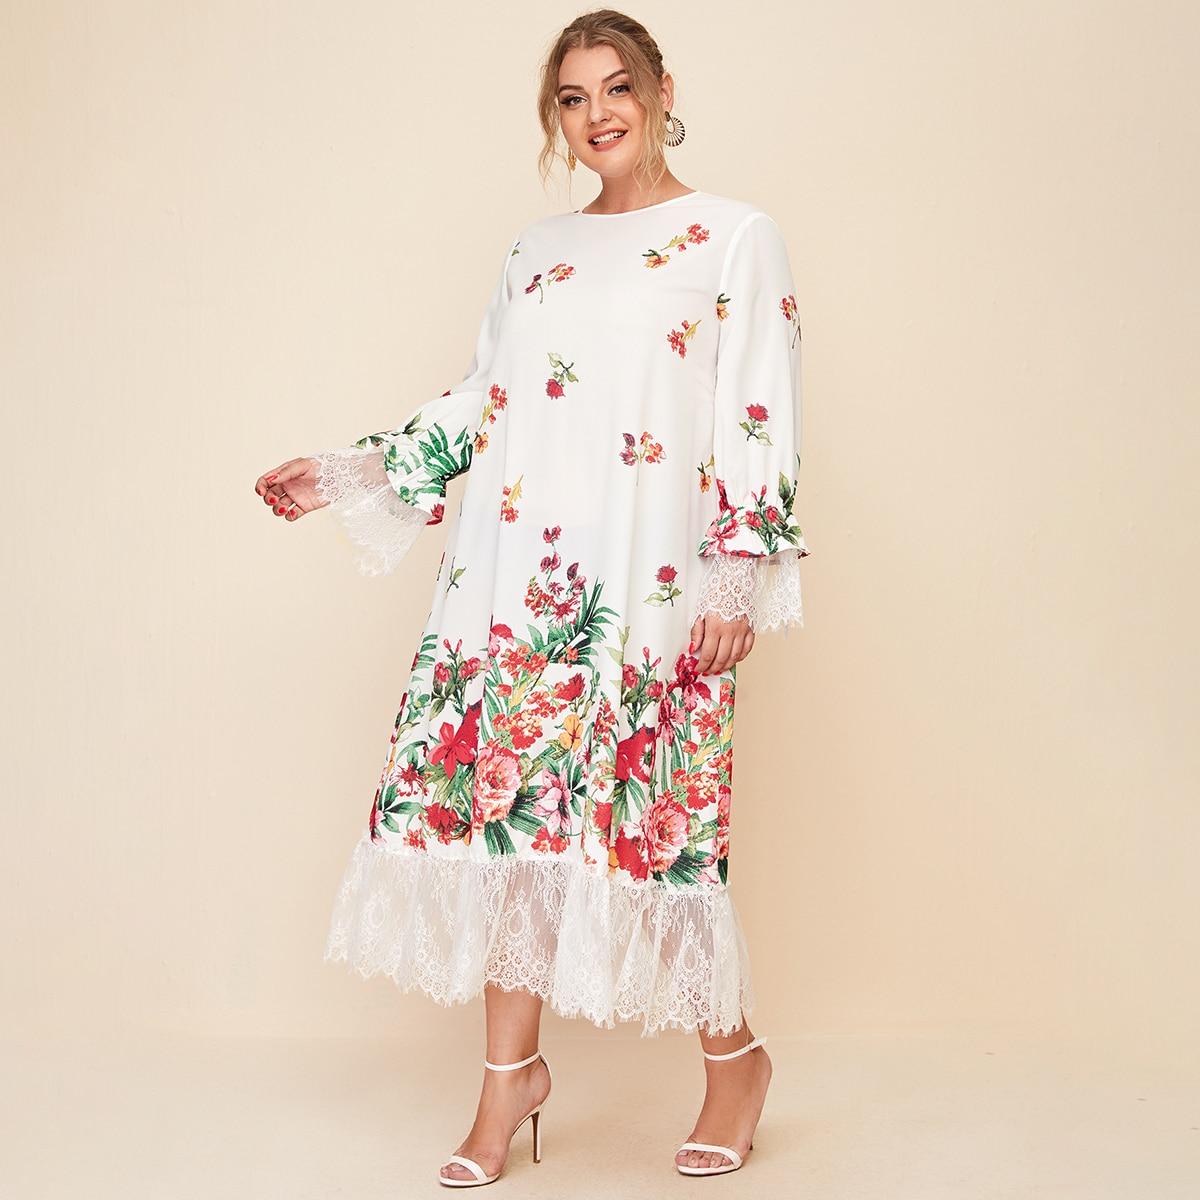 SHEIN / Kleid mit Schlüsselloch hinten, Spitzen Detail und Blumen Muster